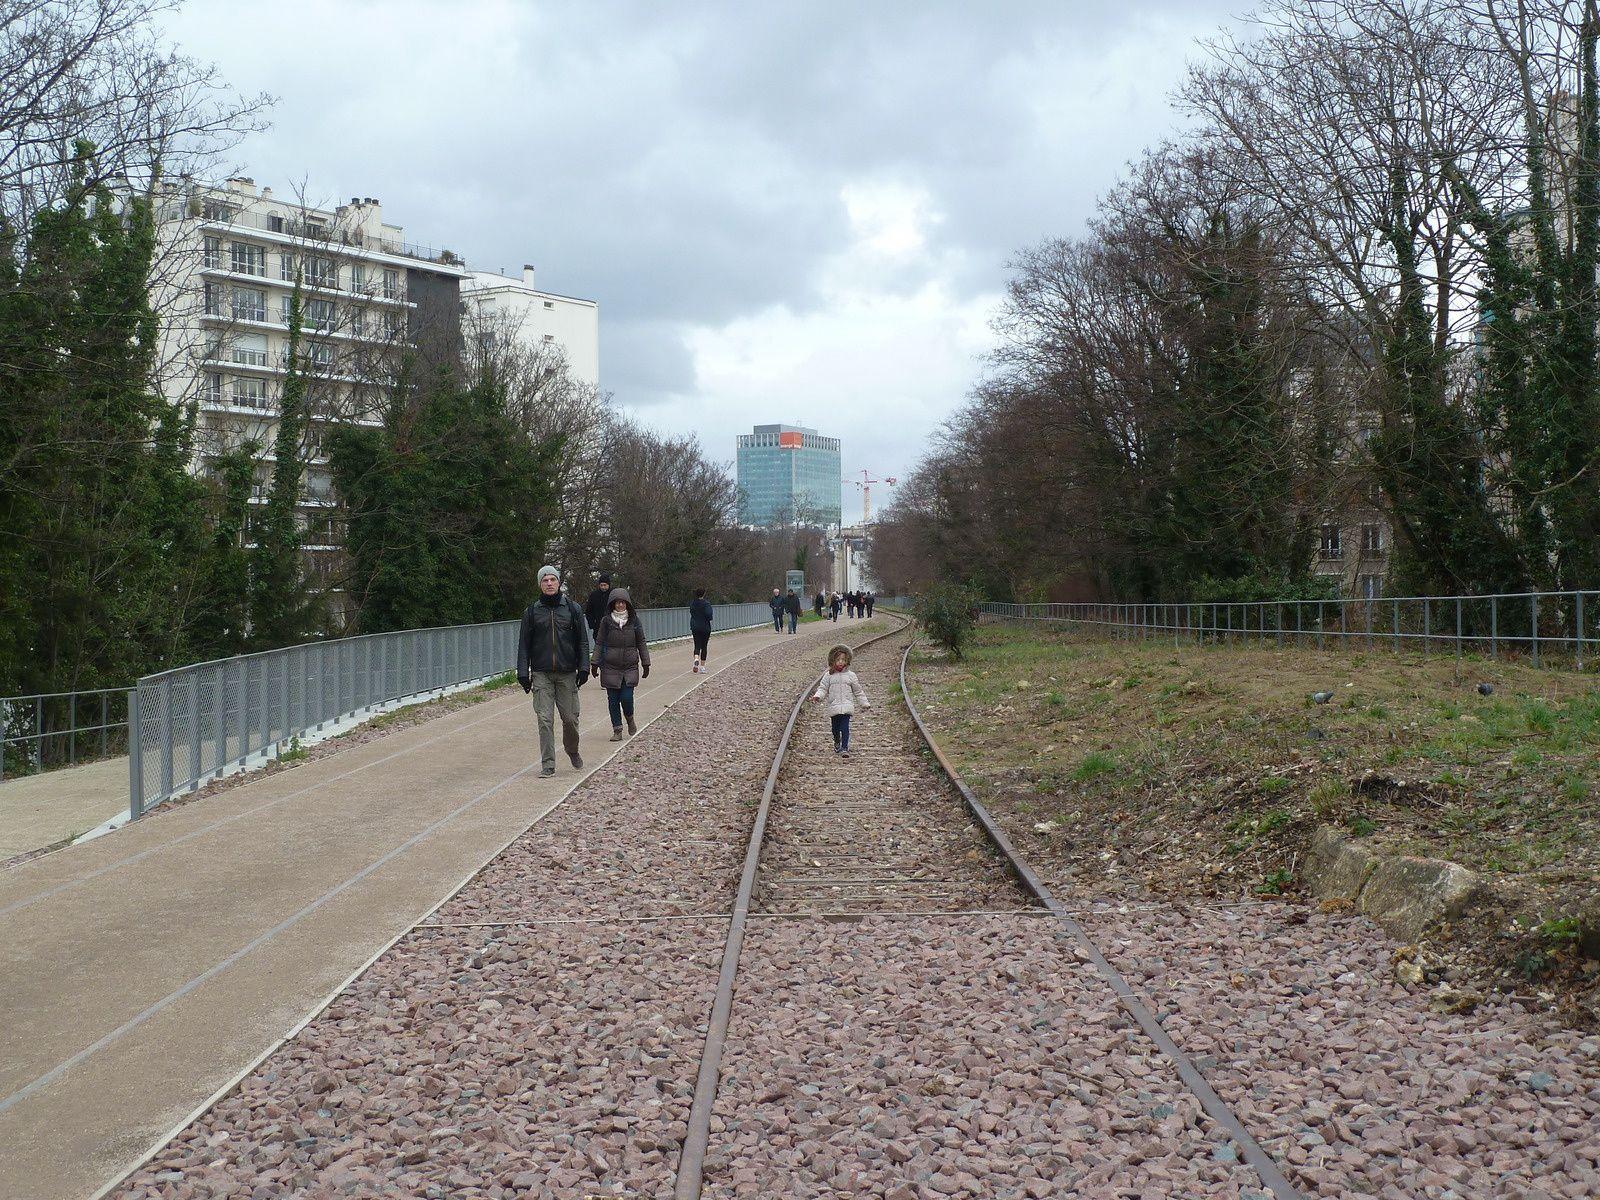 Pour permettre l'accès de ce site au public, la Ville de Paris a réalisé un aménagement paysager qui préserve le patrimoine ferroviaire et met en valeur cette biodiversité singulière.  Cette promenade est réversible en cas d'activité ferrée exceptionnelle. Le propriétaire des lieux, RFF se laissant la possibilité d'y faire à nouveau rouler des trains.